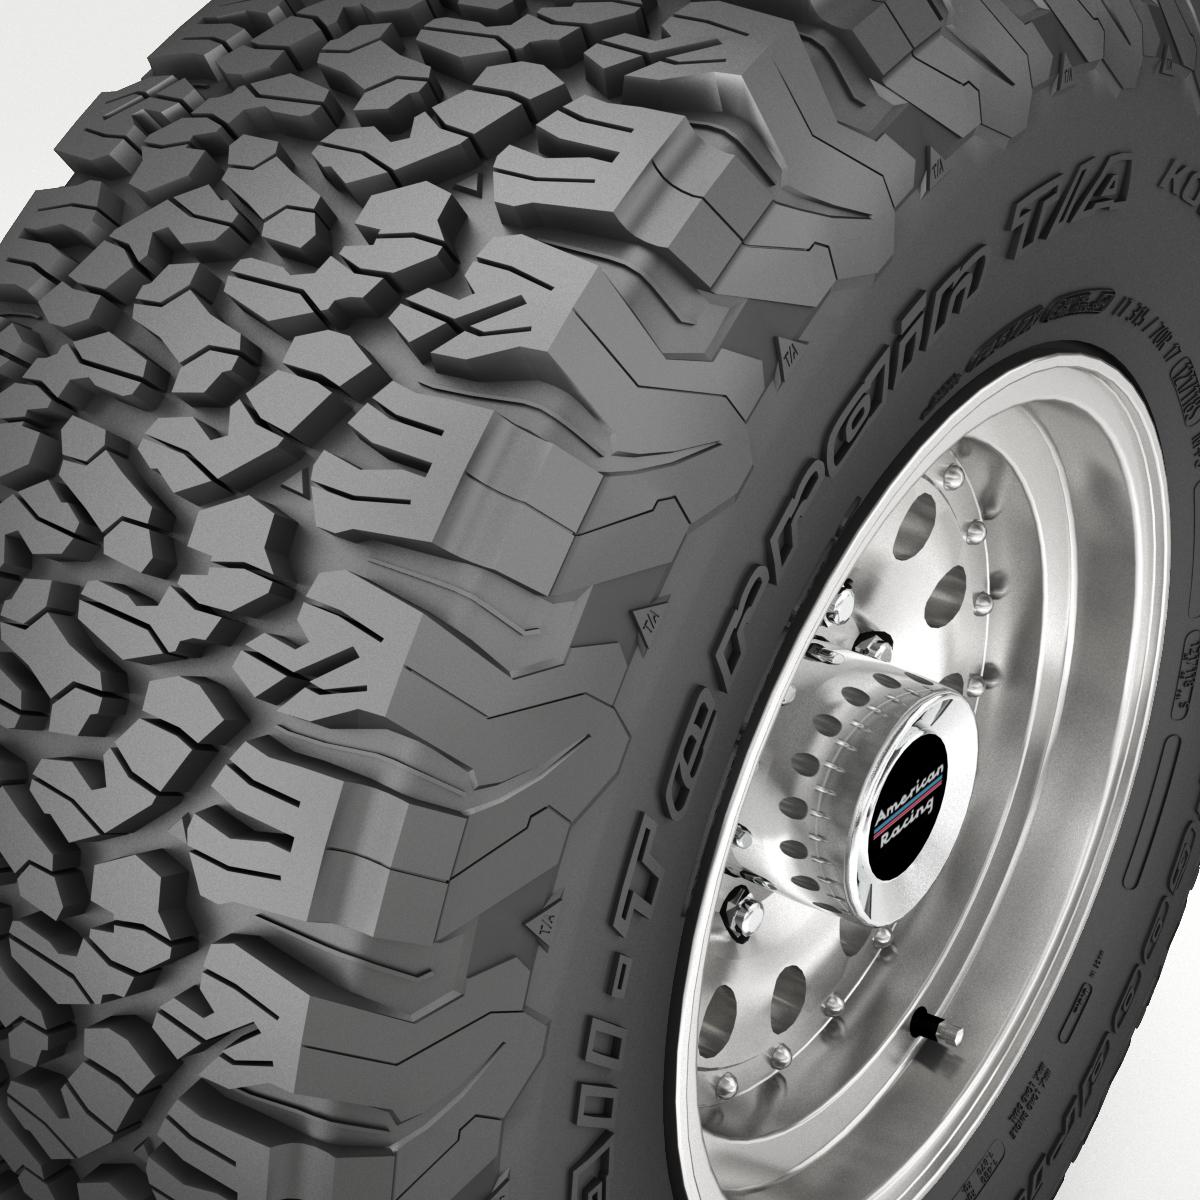 off road wheel and tire 5 3d model 3ds max fbx tga targa icb vda vst pix obj 224471